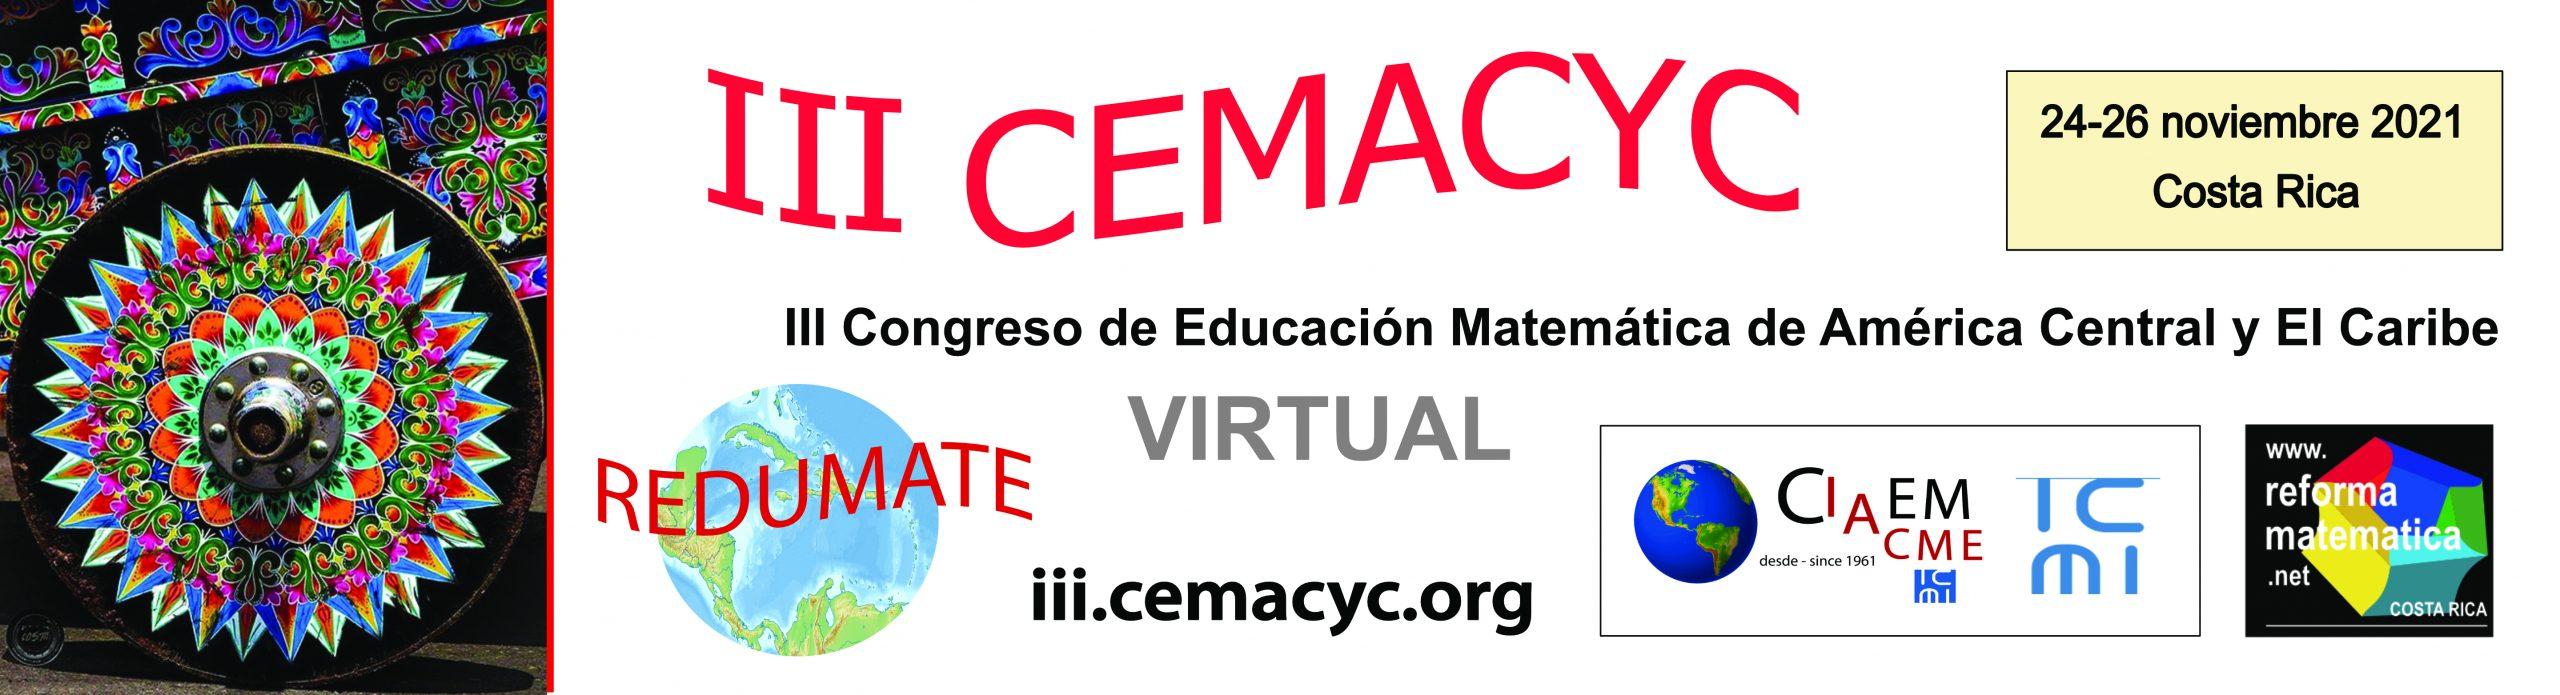 III CEMACYC